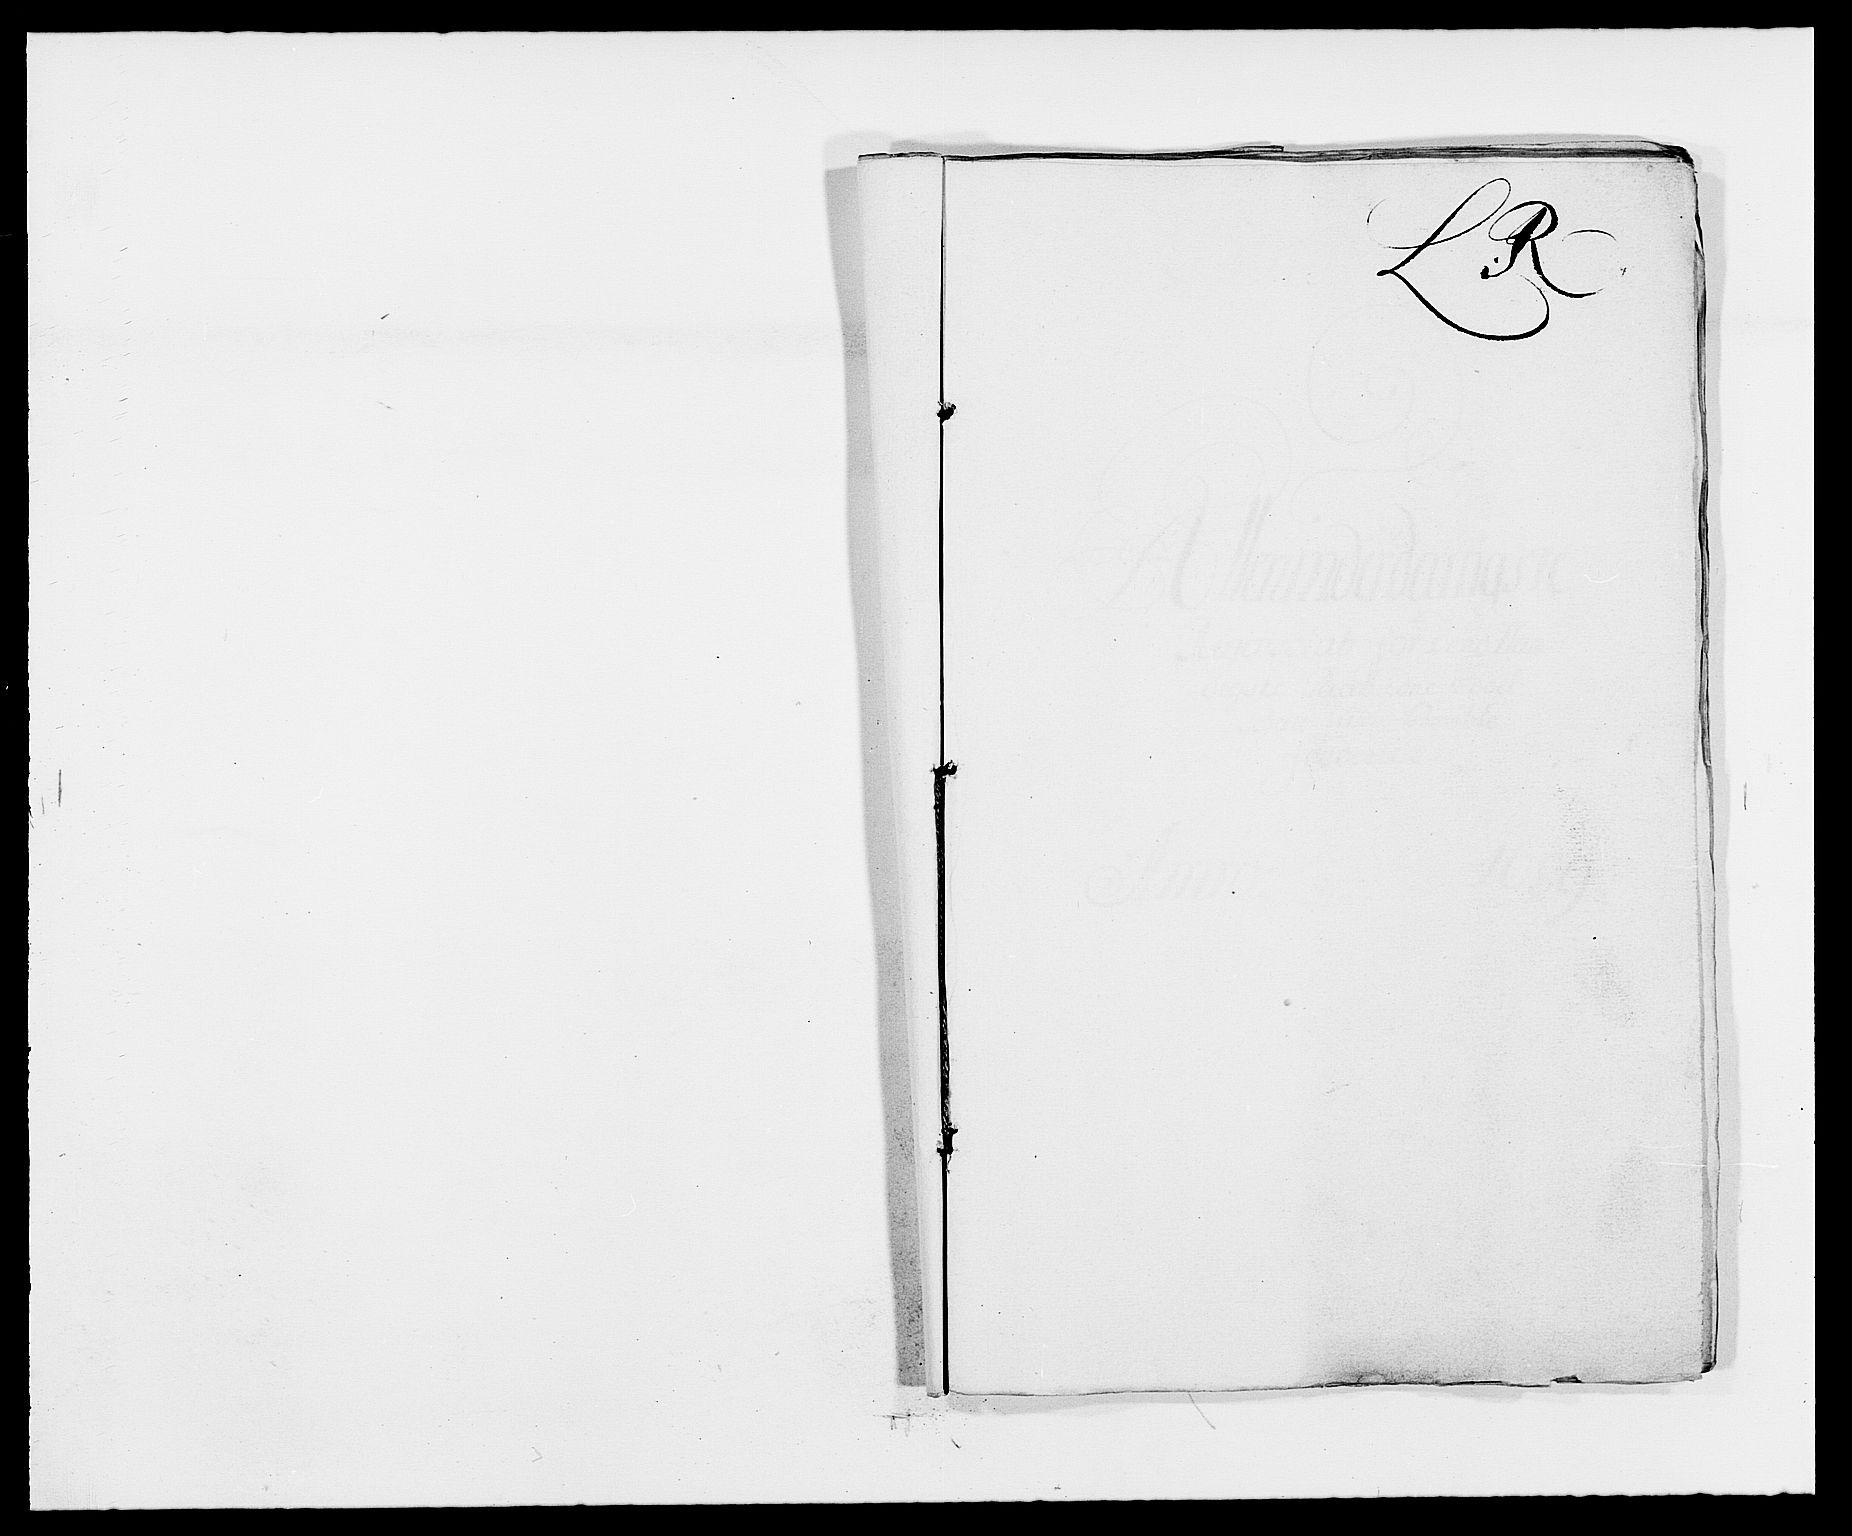 RA, Rentekammeret inntil 1814, Reviderte regnskaper, Fogderegnskap, R34/L2050: Fogderegnskap Bamble, 1688-1691, s. 291